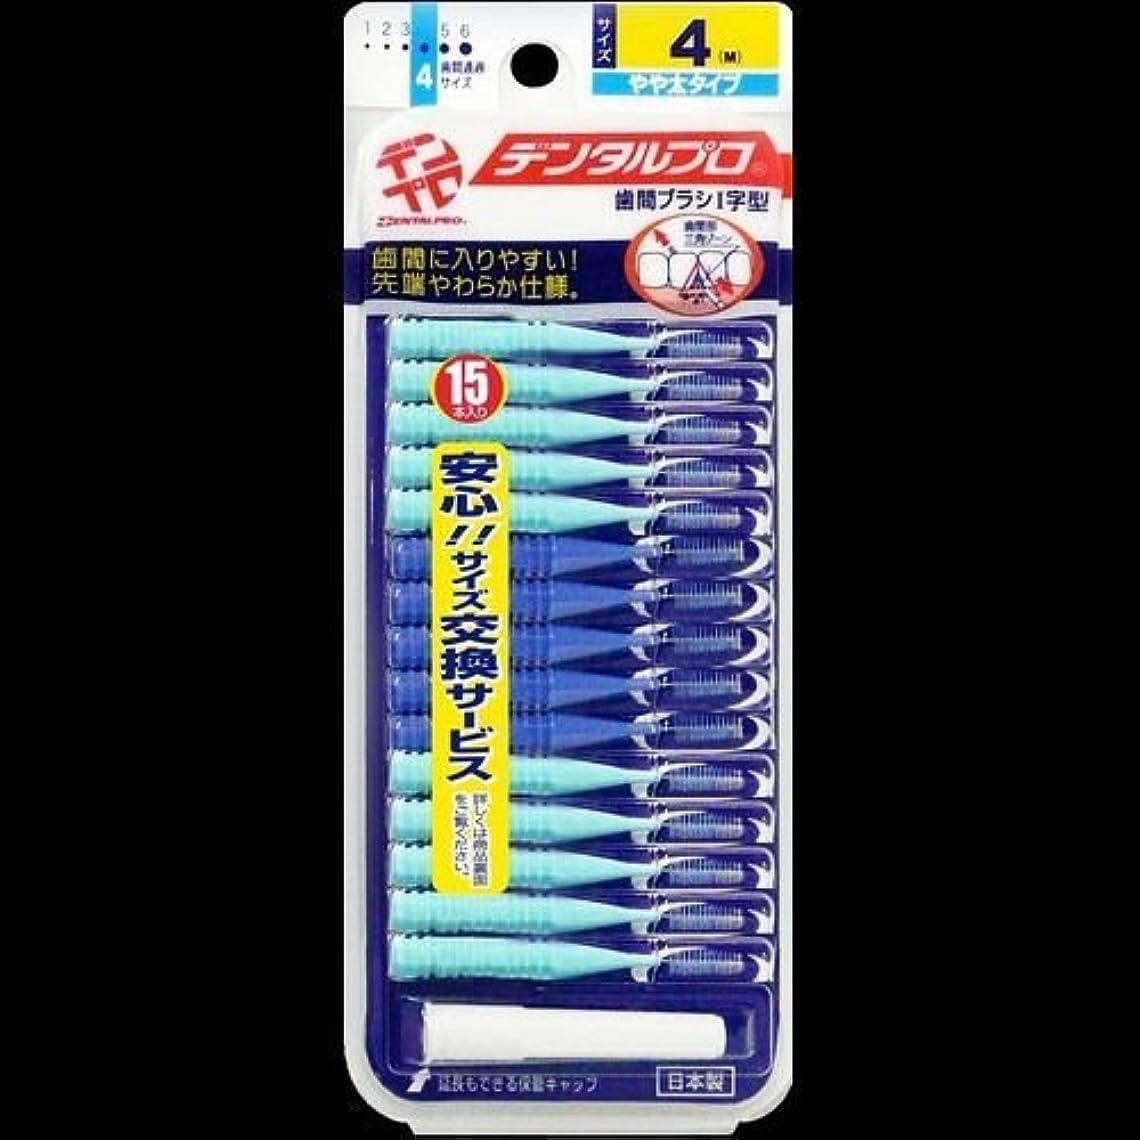 集計不規則な格差デンタルプロ 歯間ブラシ サイズ4M 15本入り ×2セット